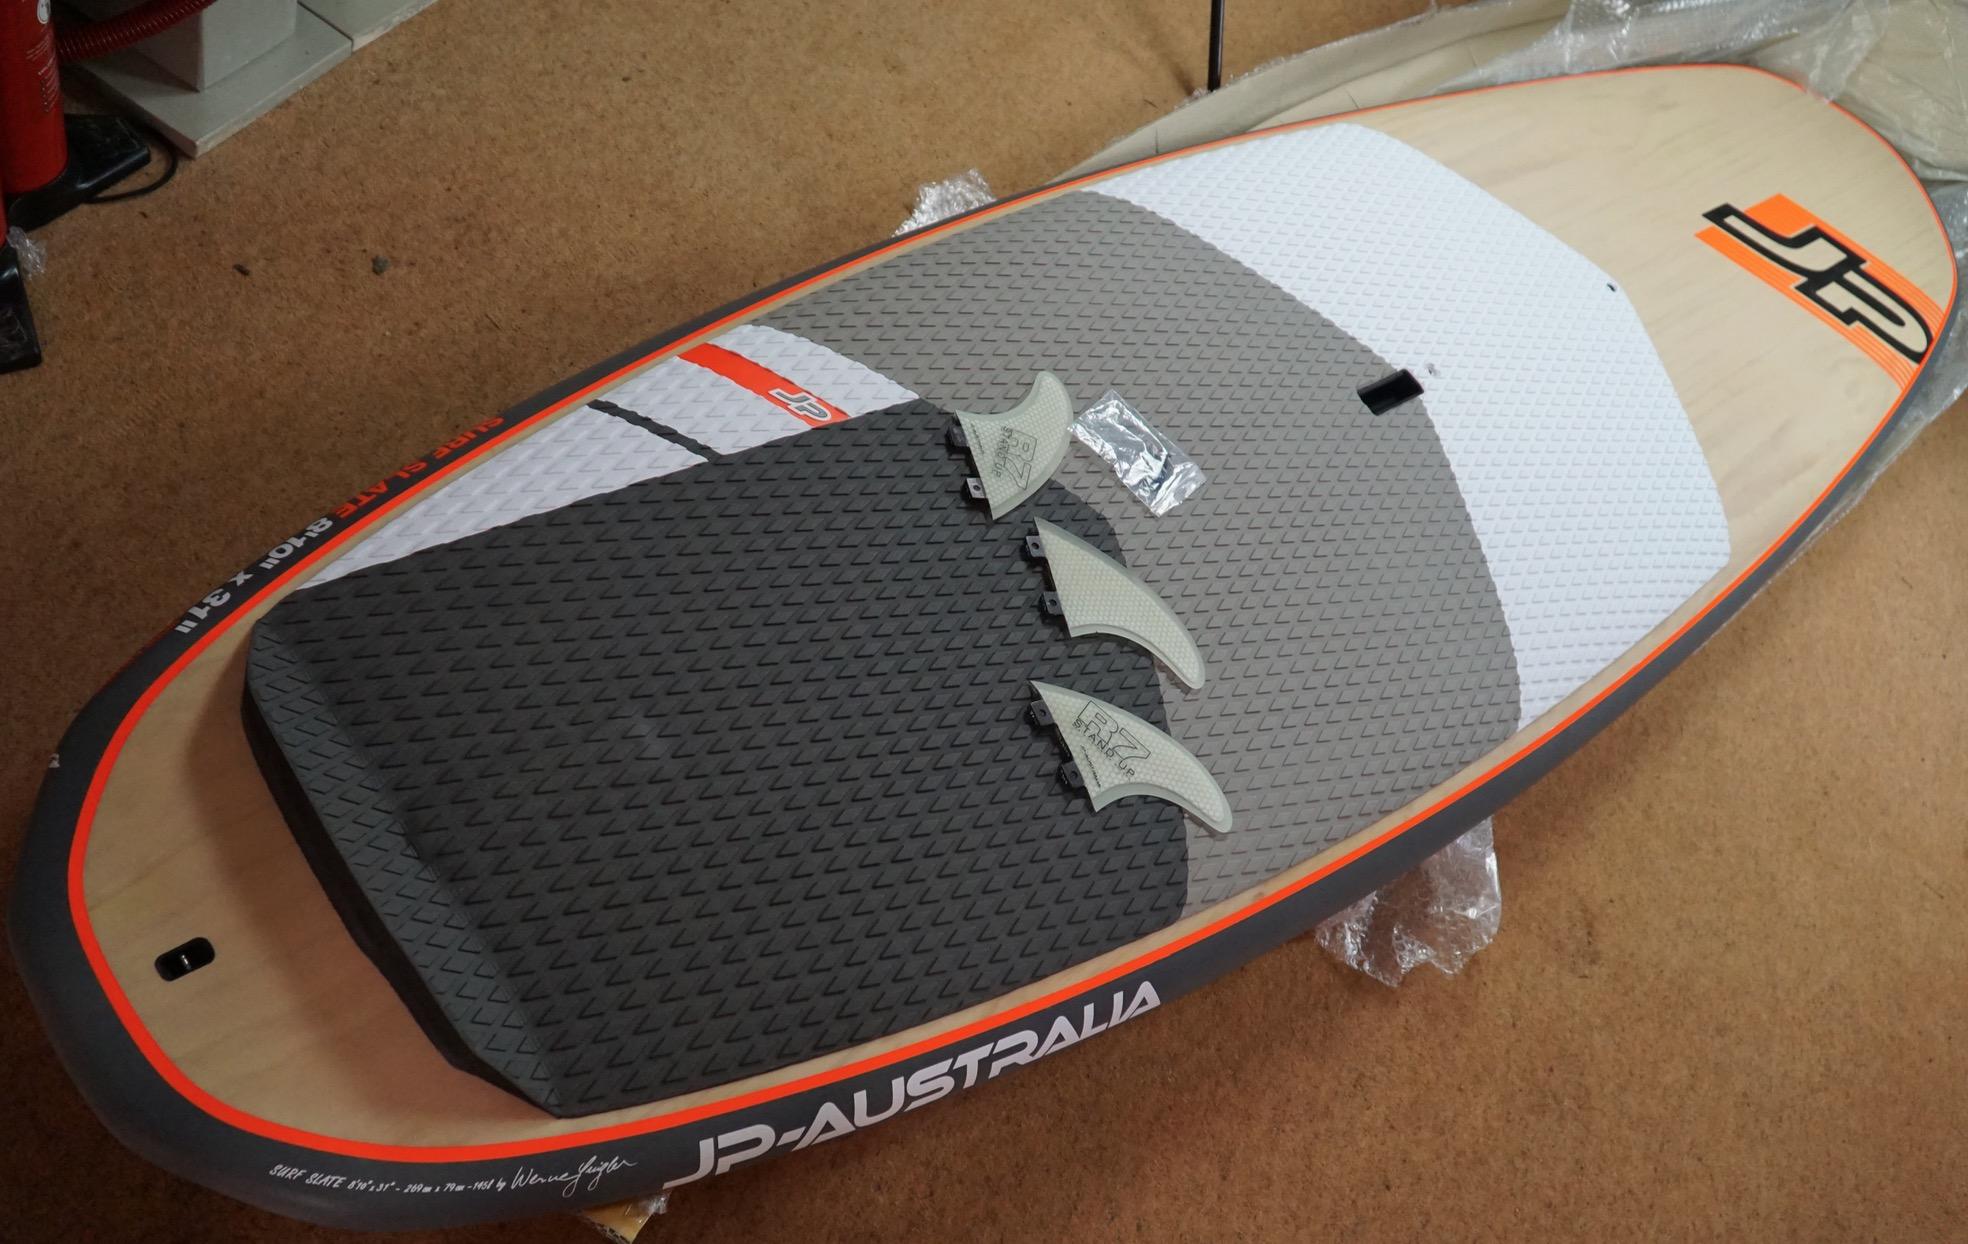 JP Australia Surf Slate